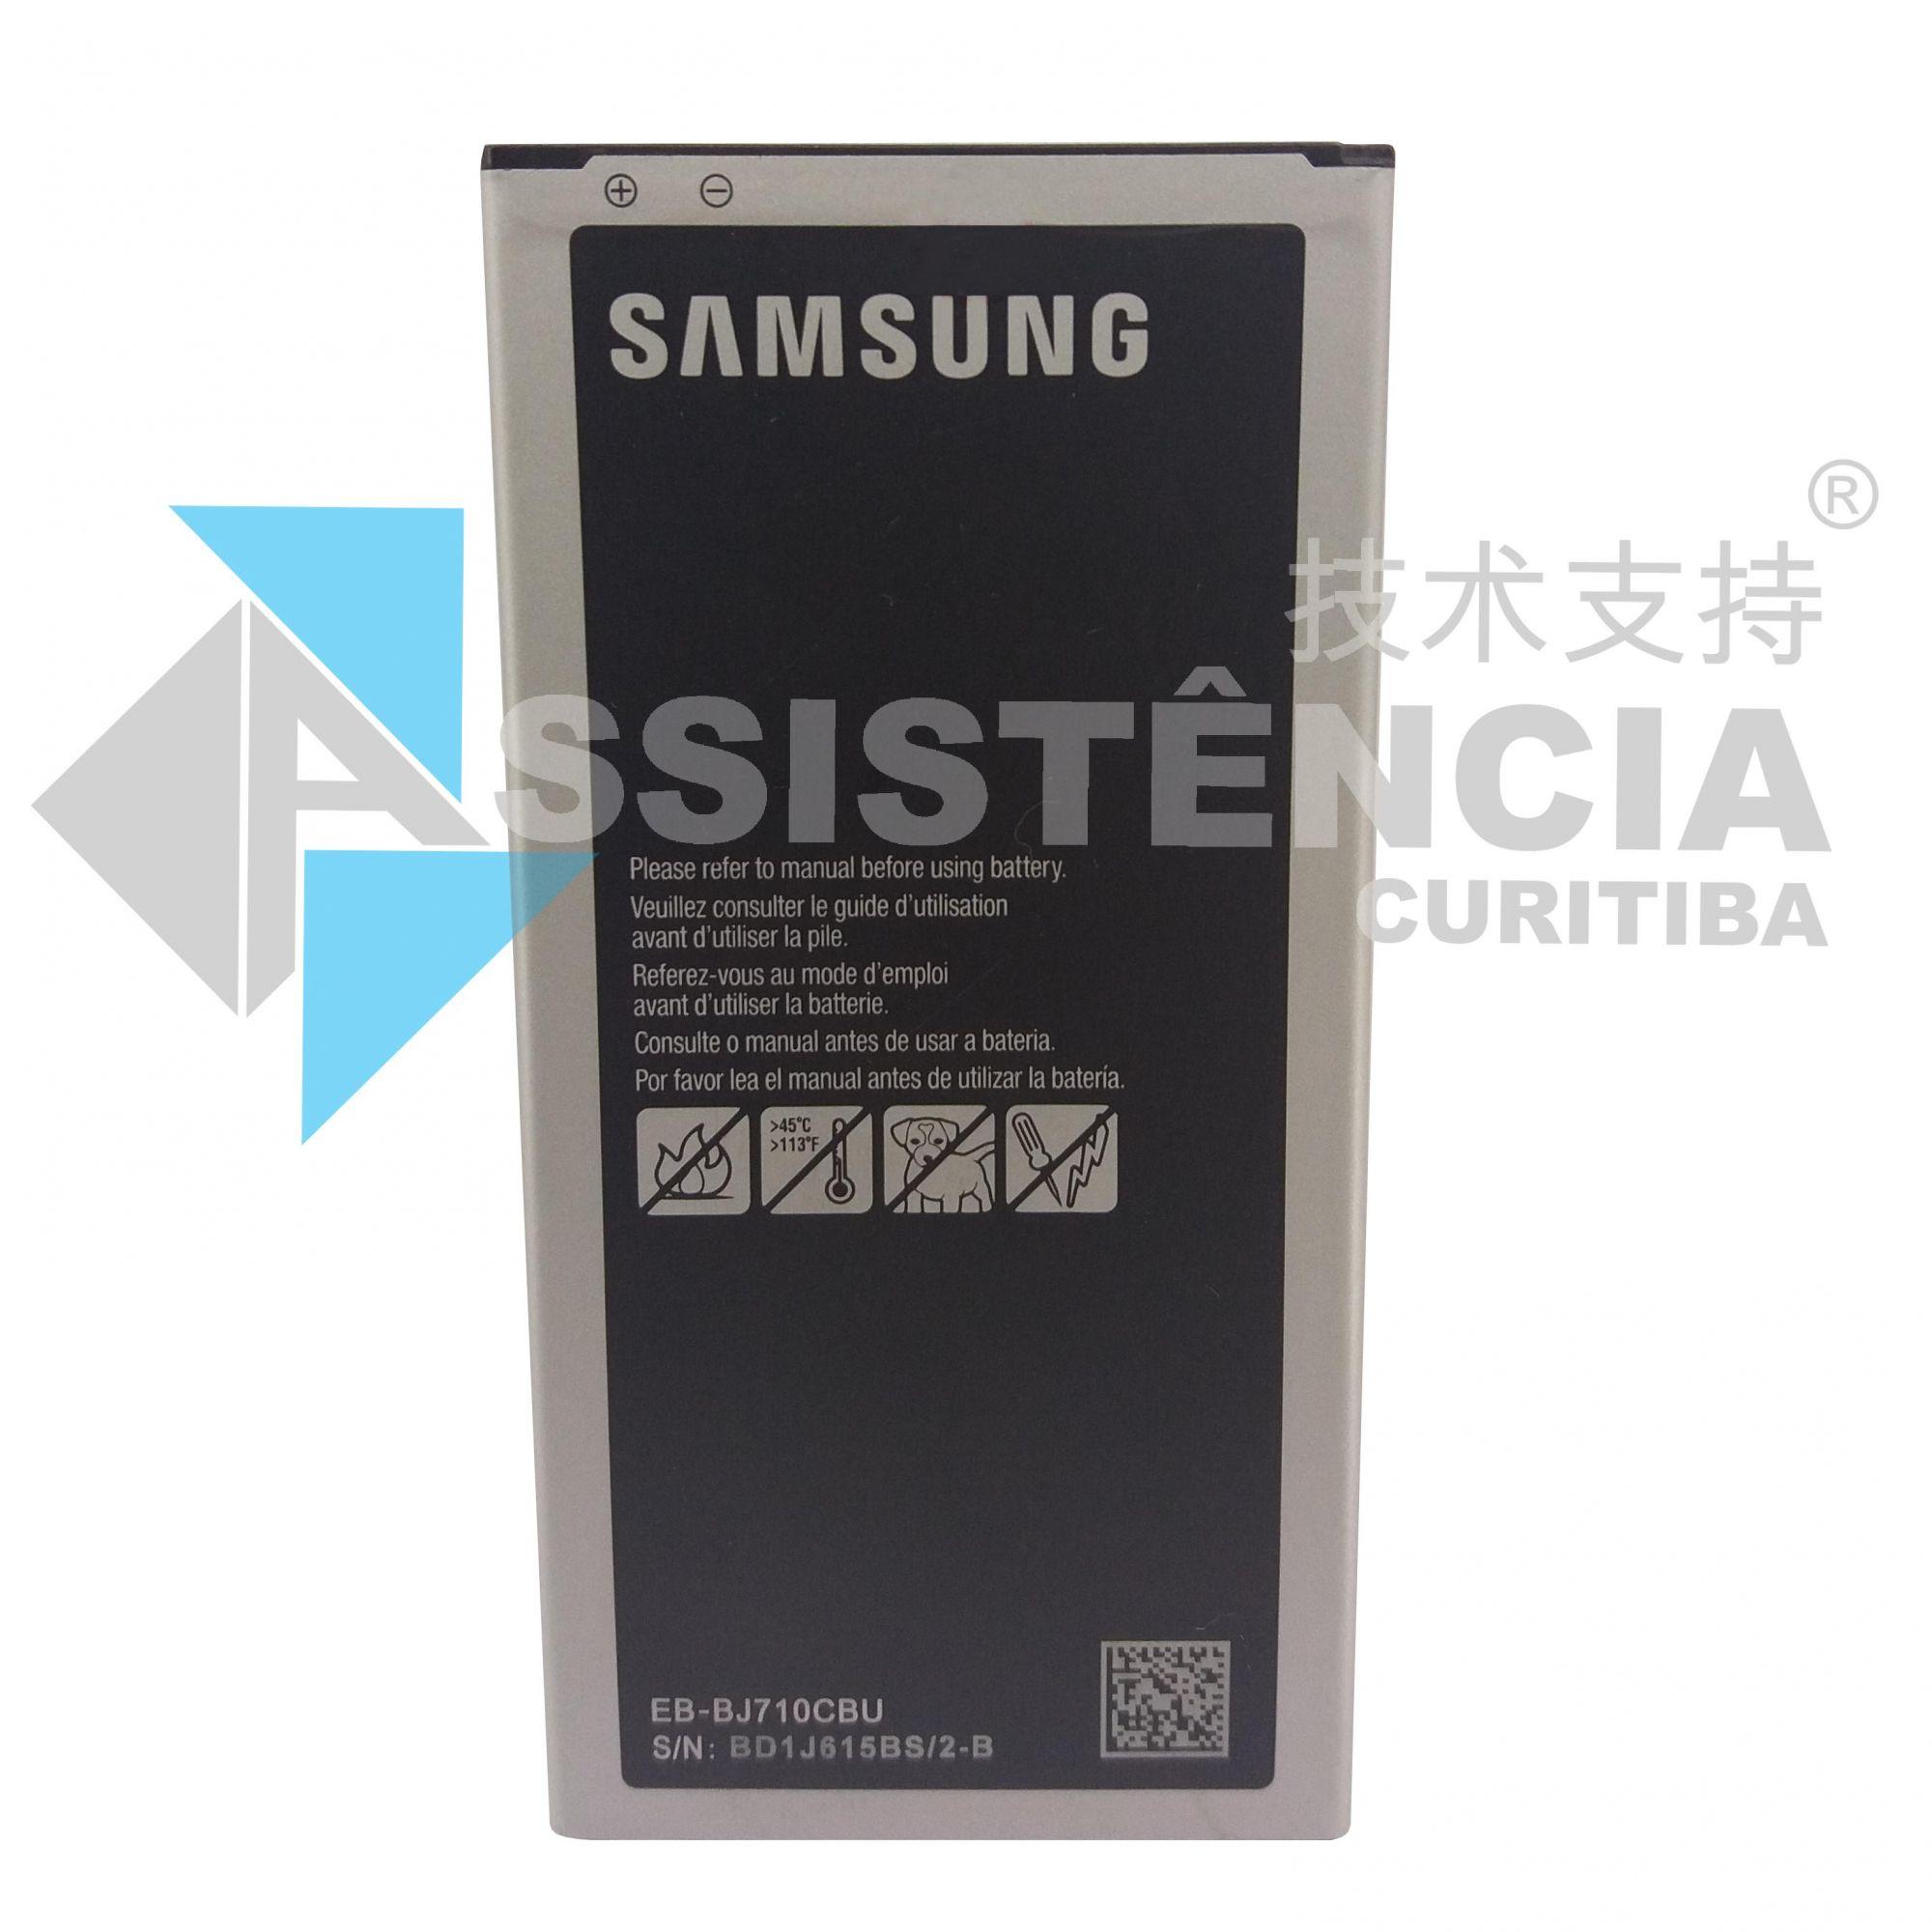 Bateria Samsung Galaxy J7 Metal 2016 J710 Sm-710